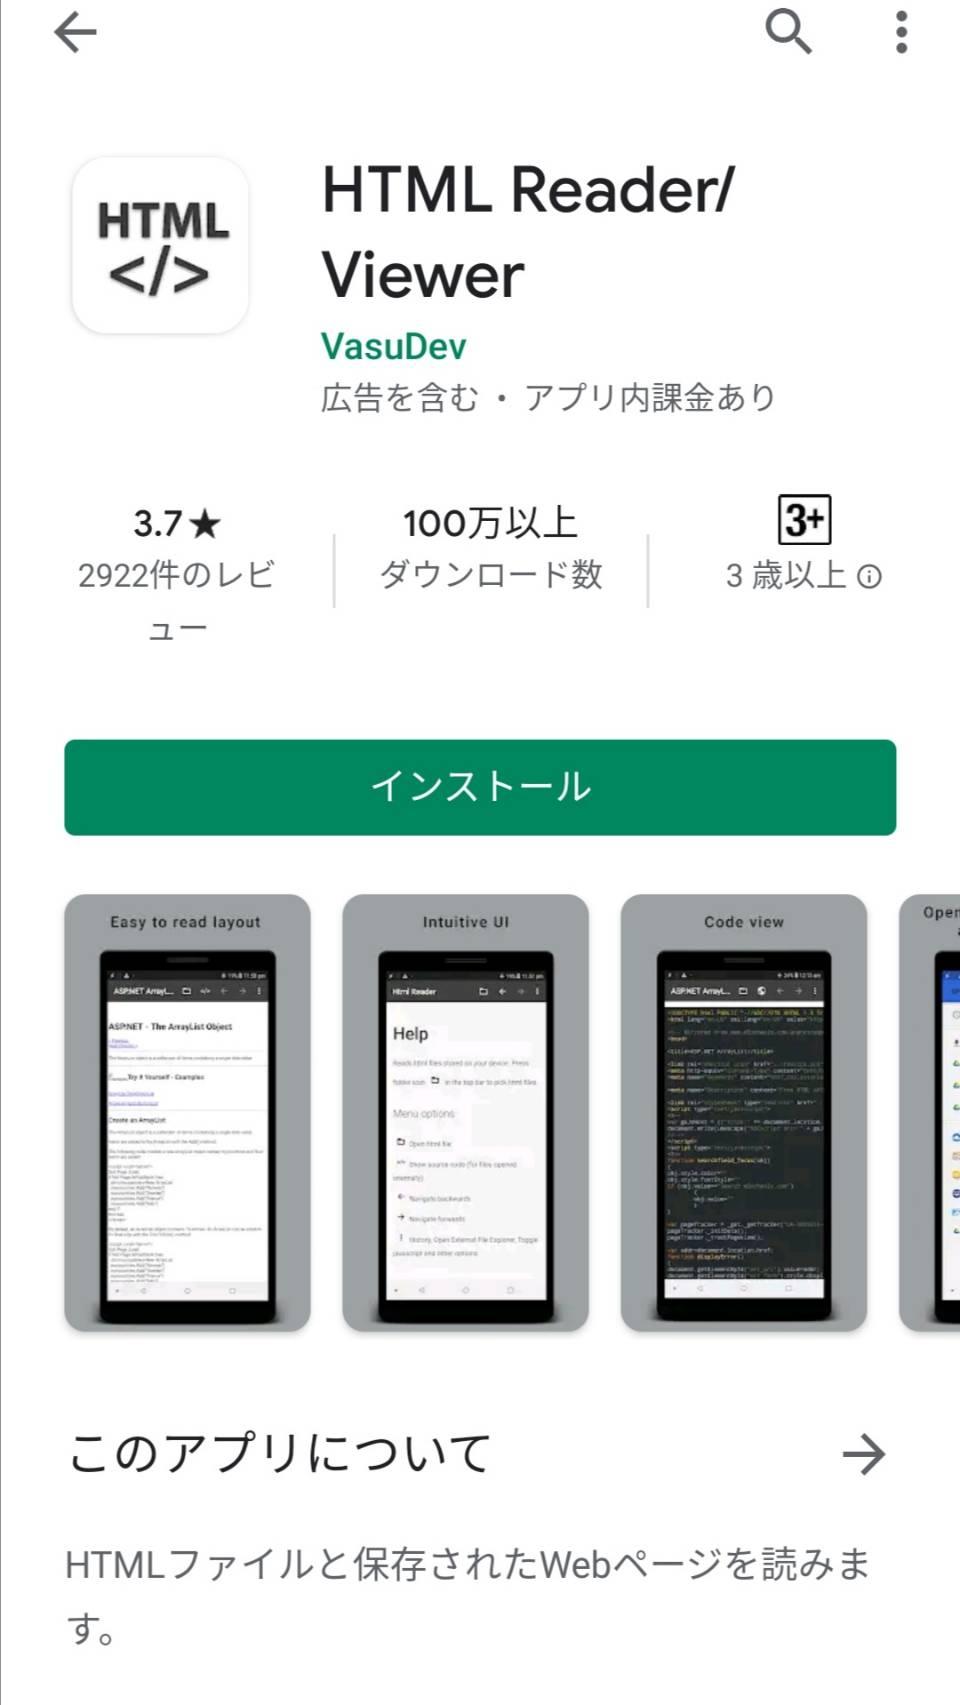 HTML Reader / Viewer